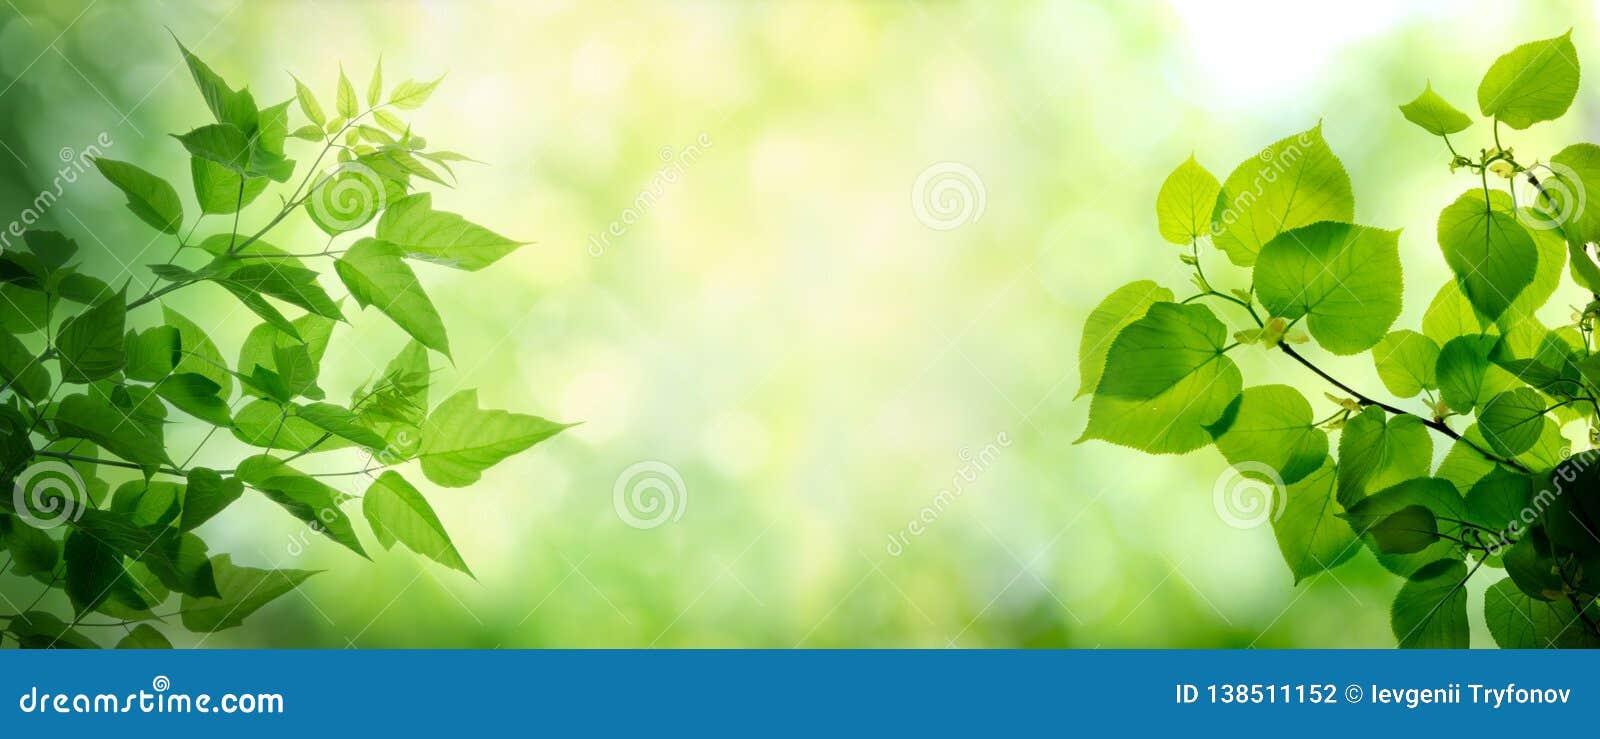 Νέα φύλλα στους κλάδους του δέντρου σφενδάμνου και ασβέστη Υπόβαθρο άνοιξης και καλοκαιριού